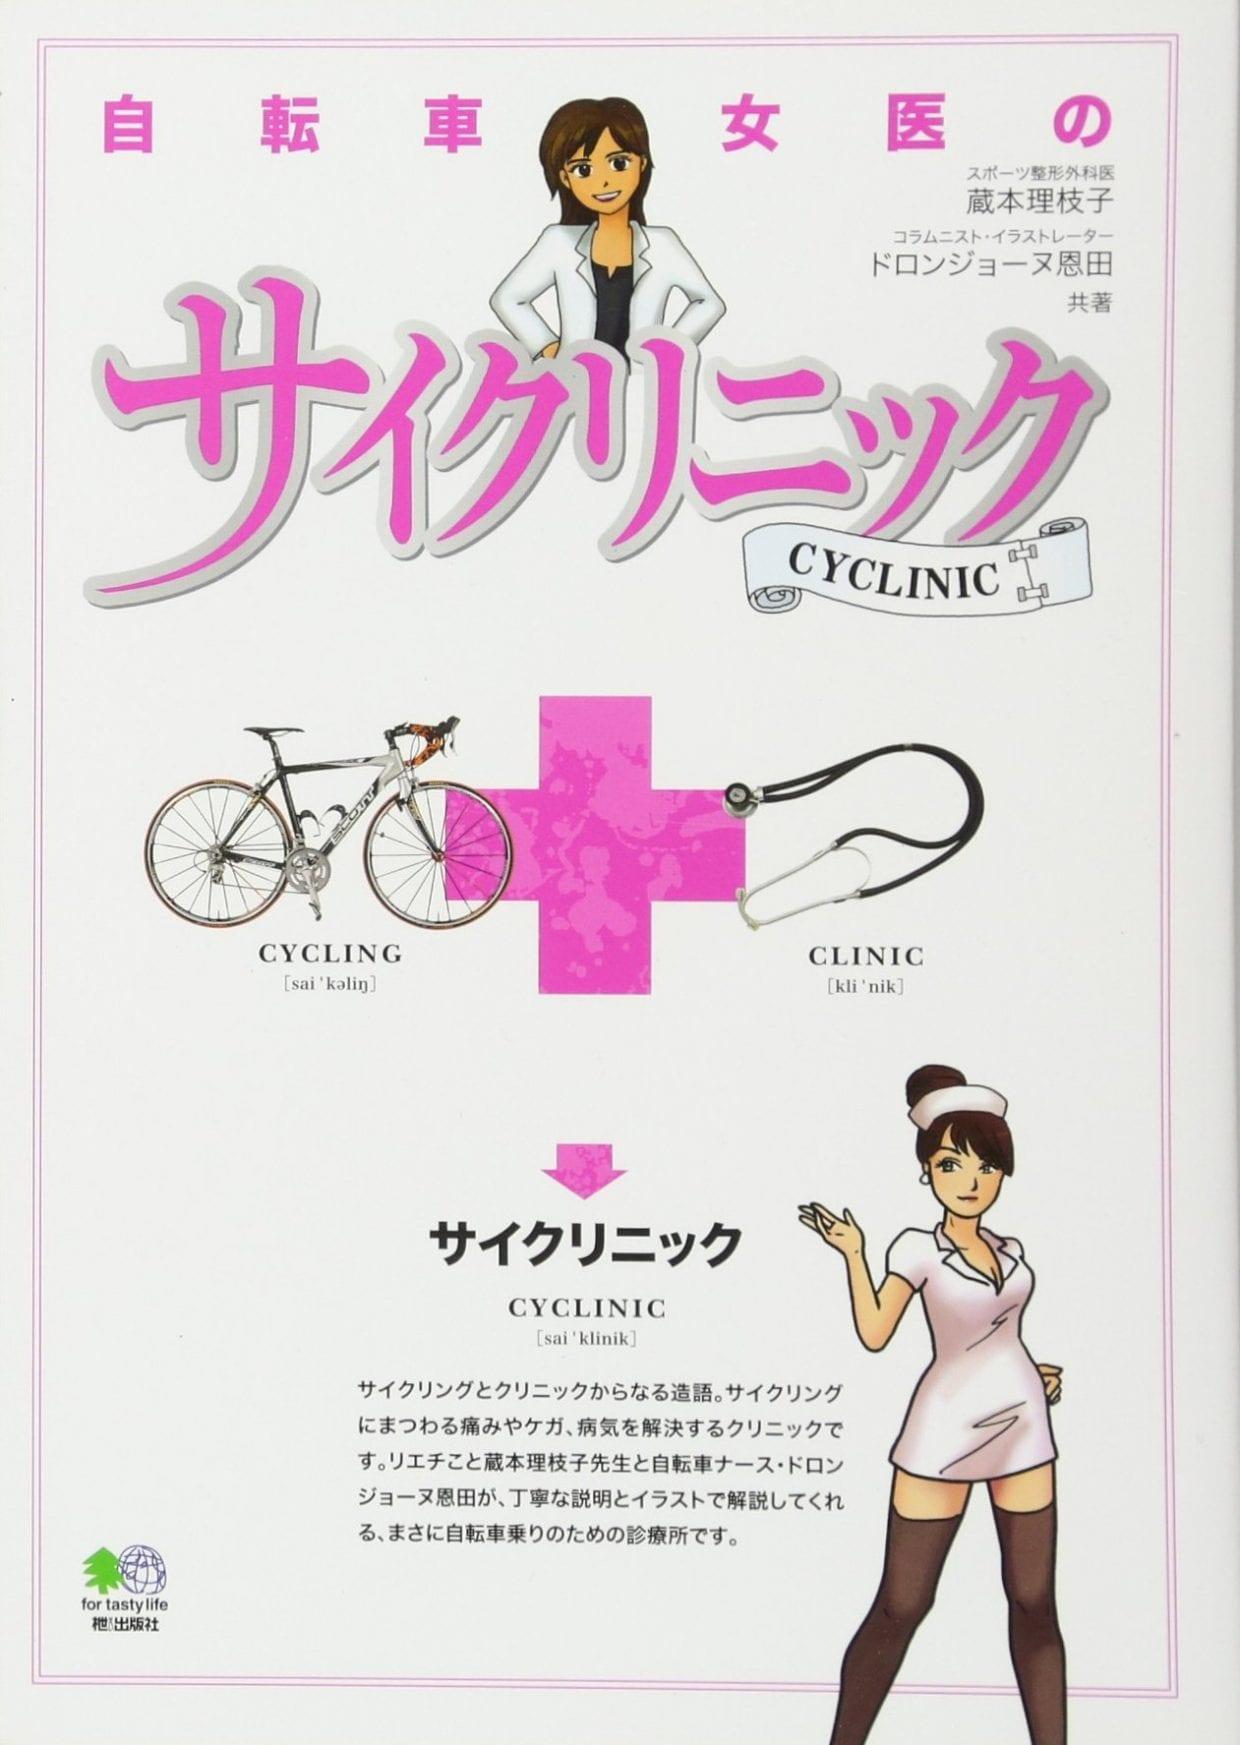 『自転車女医のサイクリニック』表紙